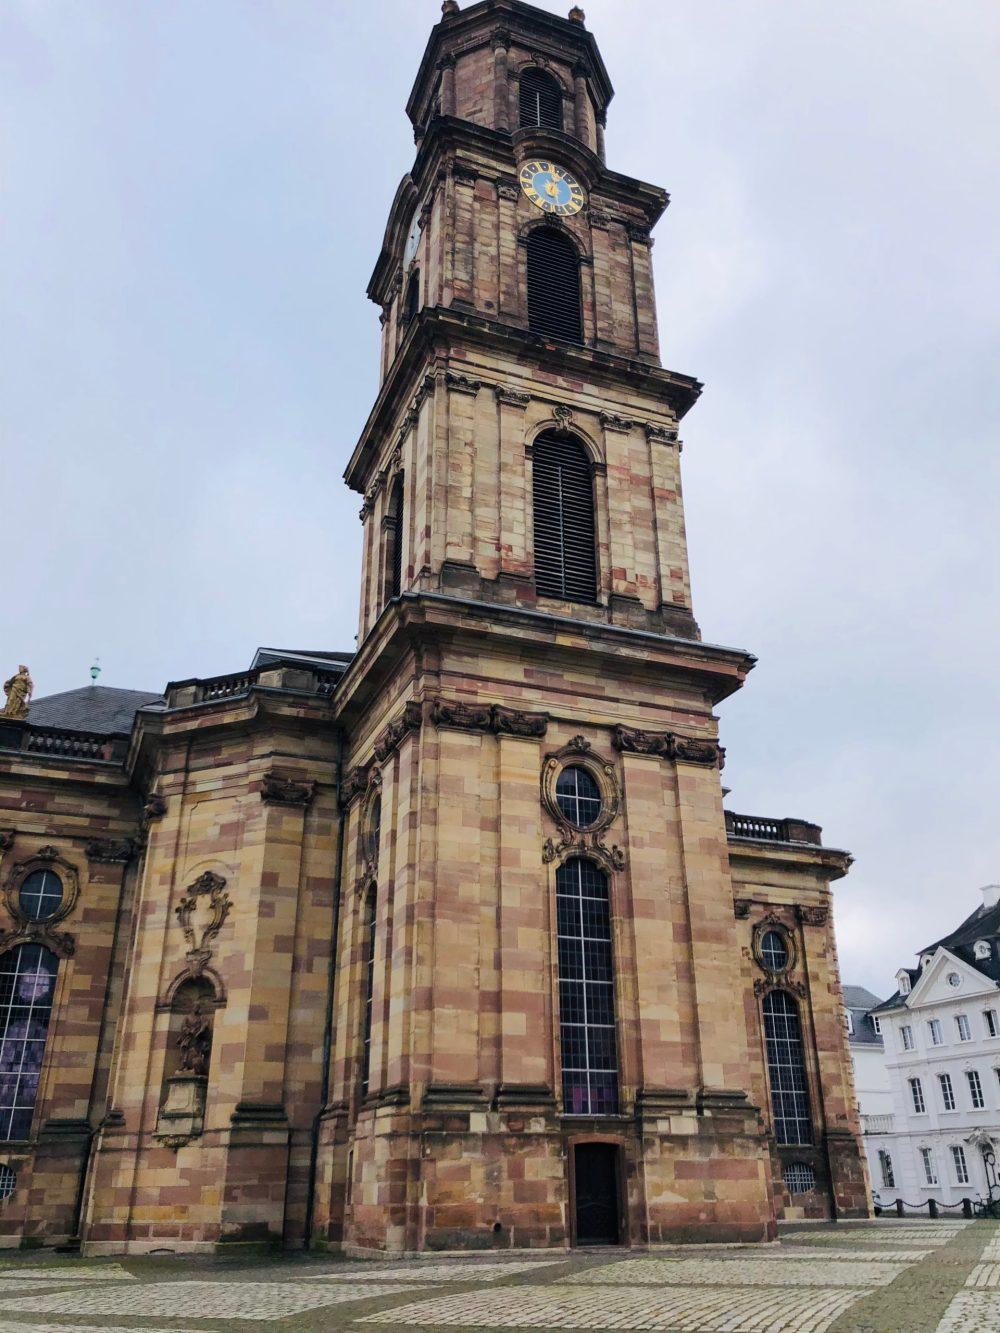 Turm der Ludwigskirche mit Uhr